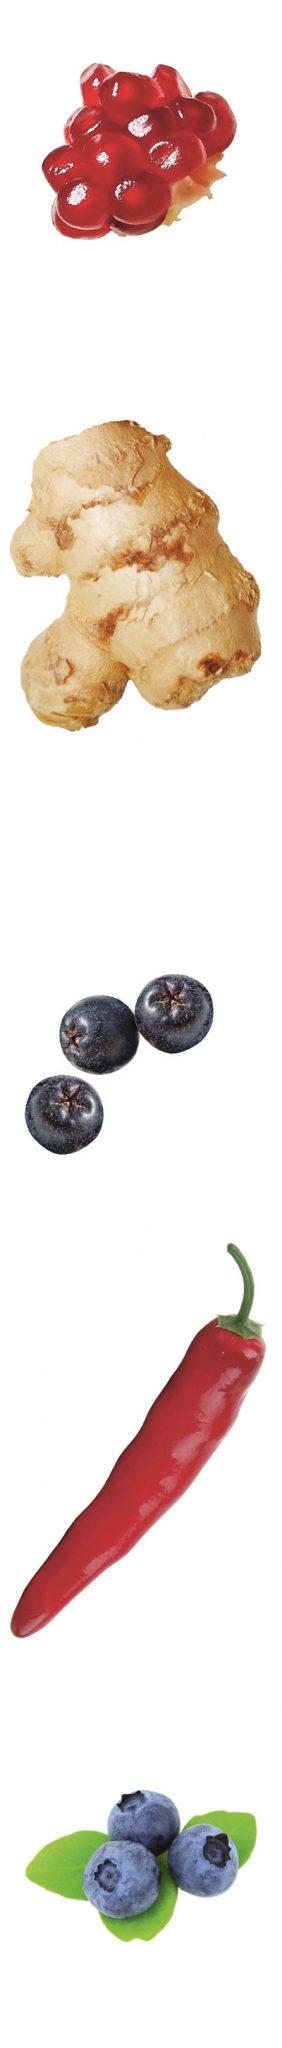 Frukt, bär och grönsaker kan sänka blodtrycket